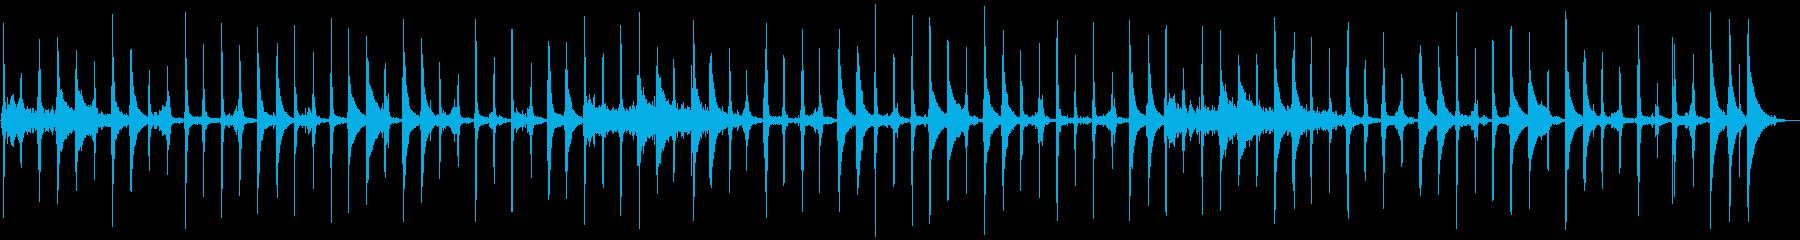 ラテンクロックワークパーカッション...の再生済みの波形